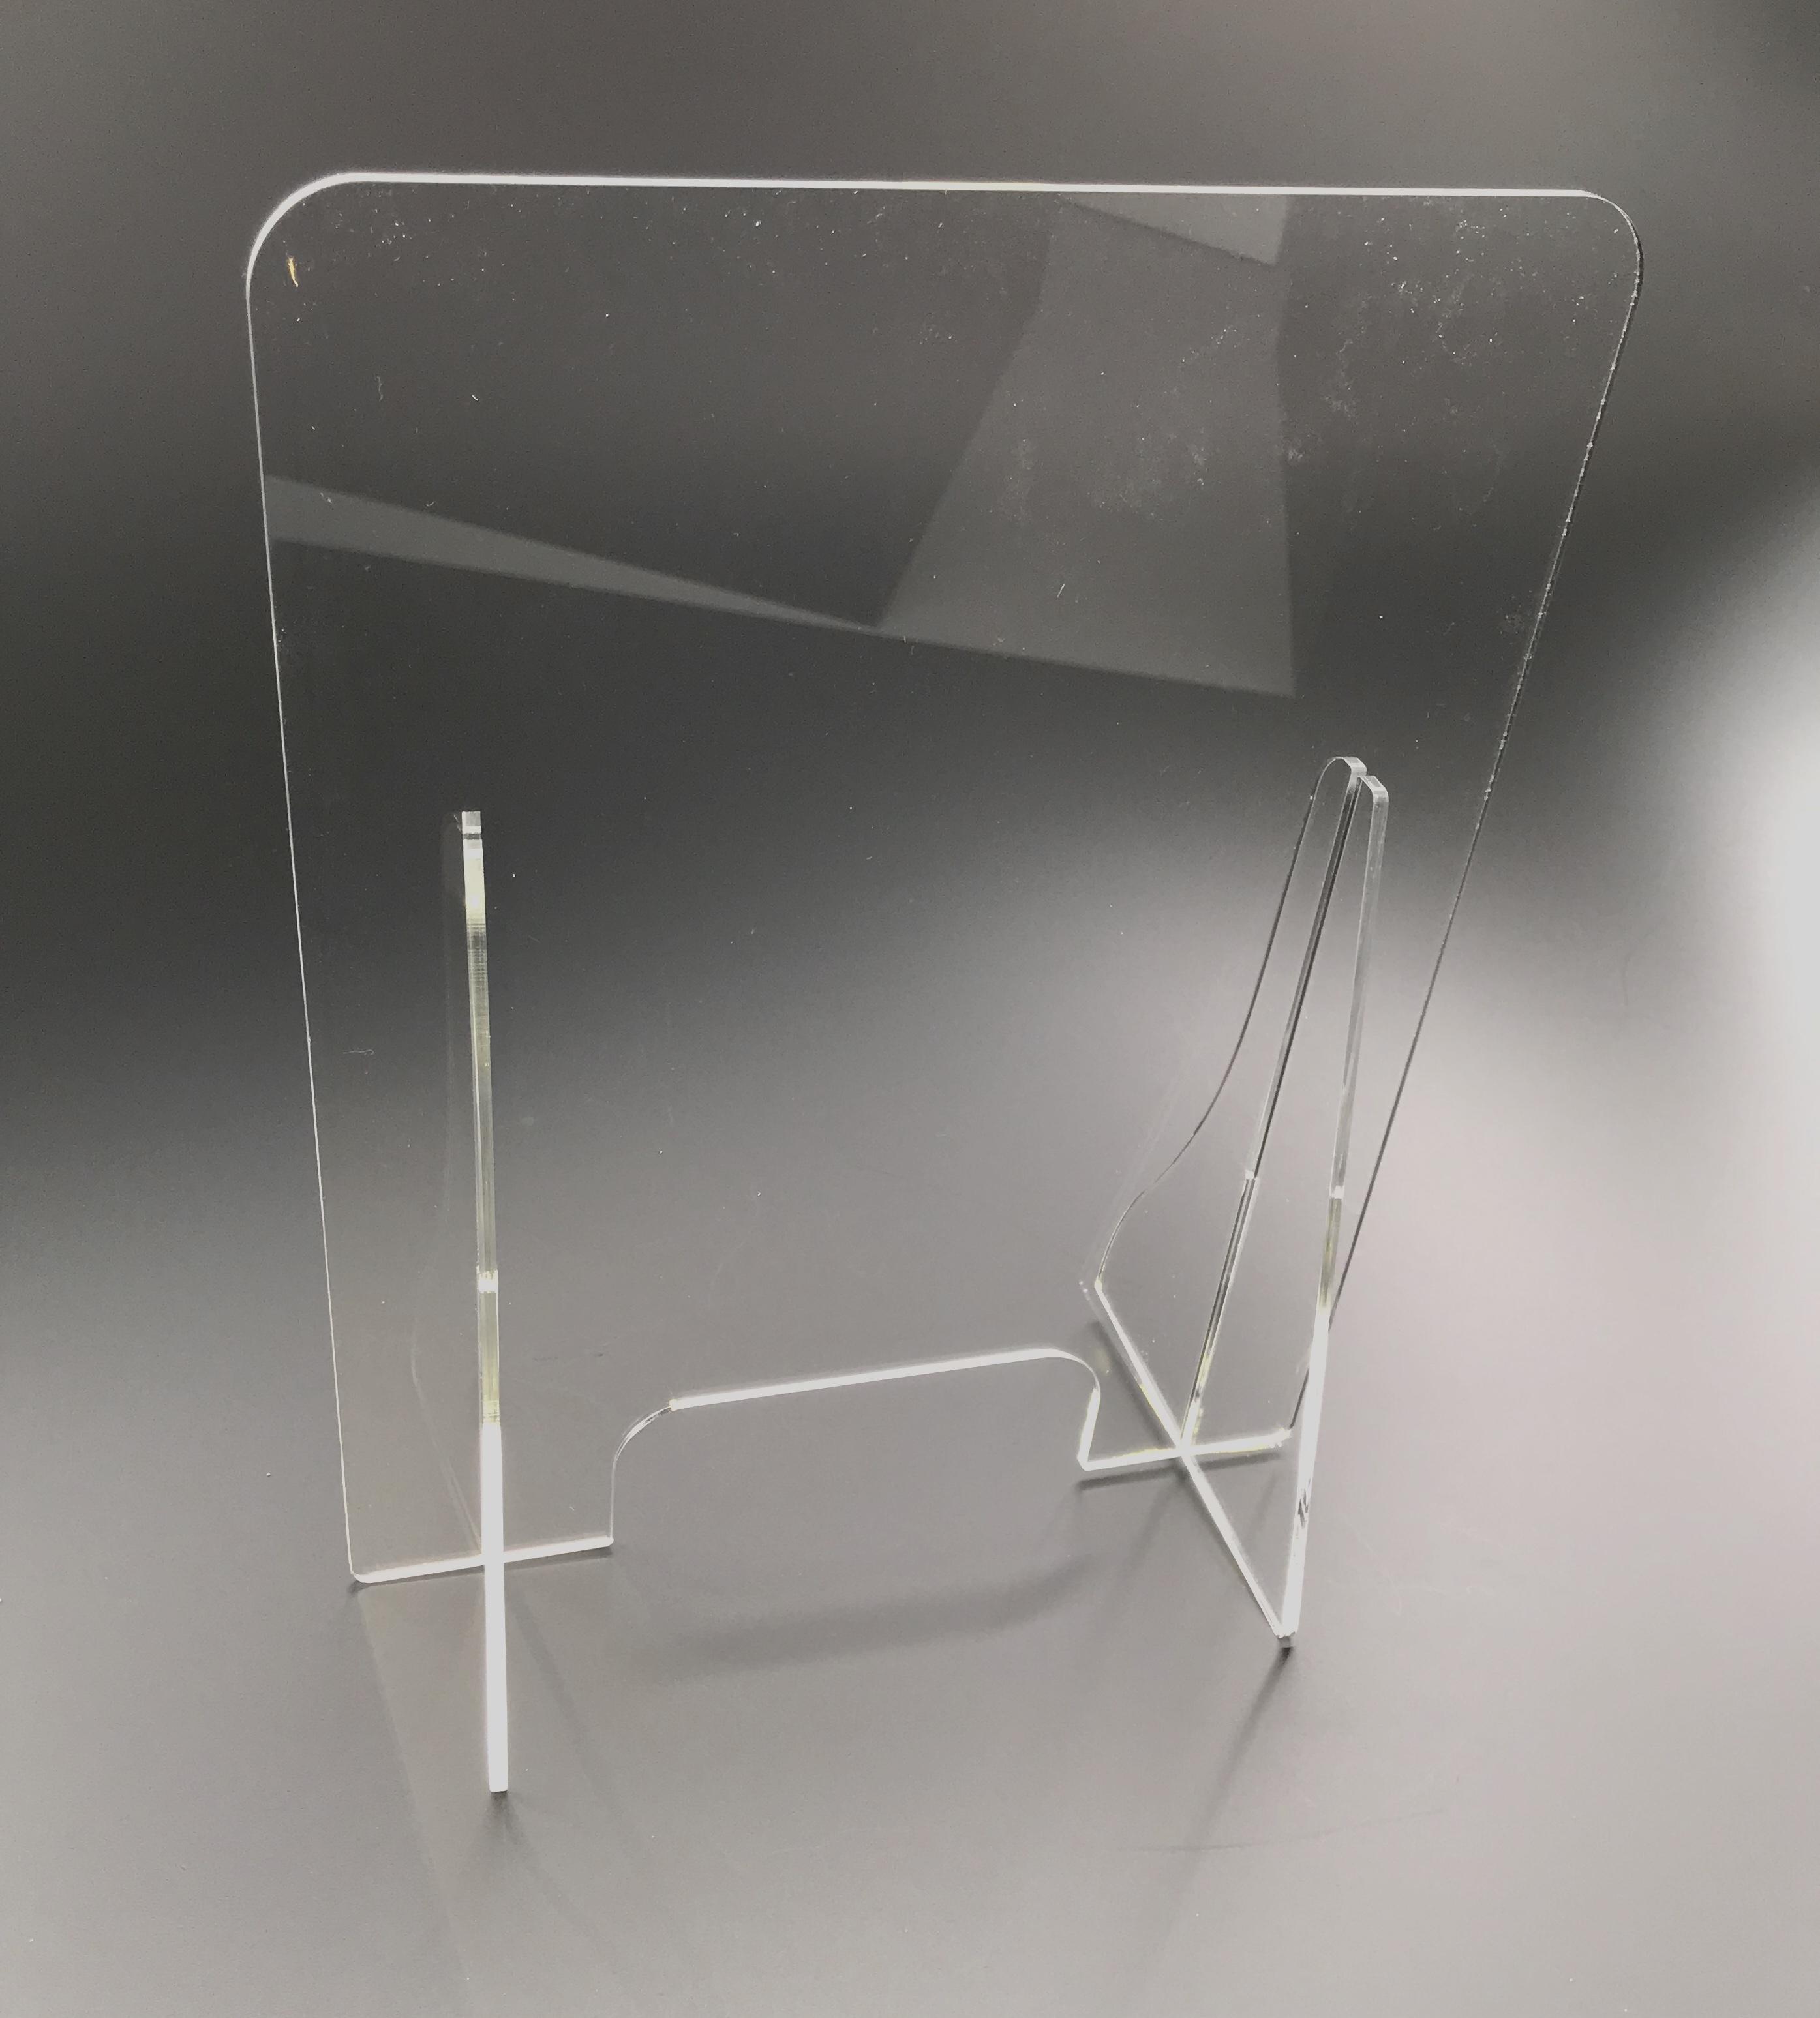 Spatscherm plexiglas 100x80